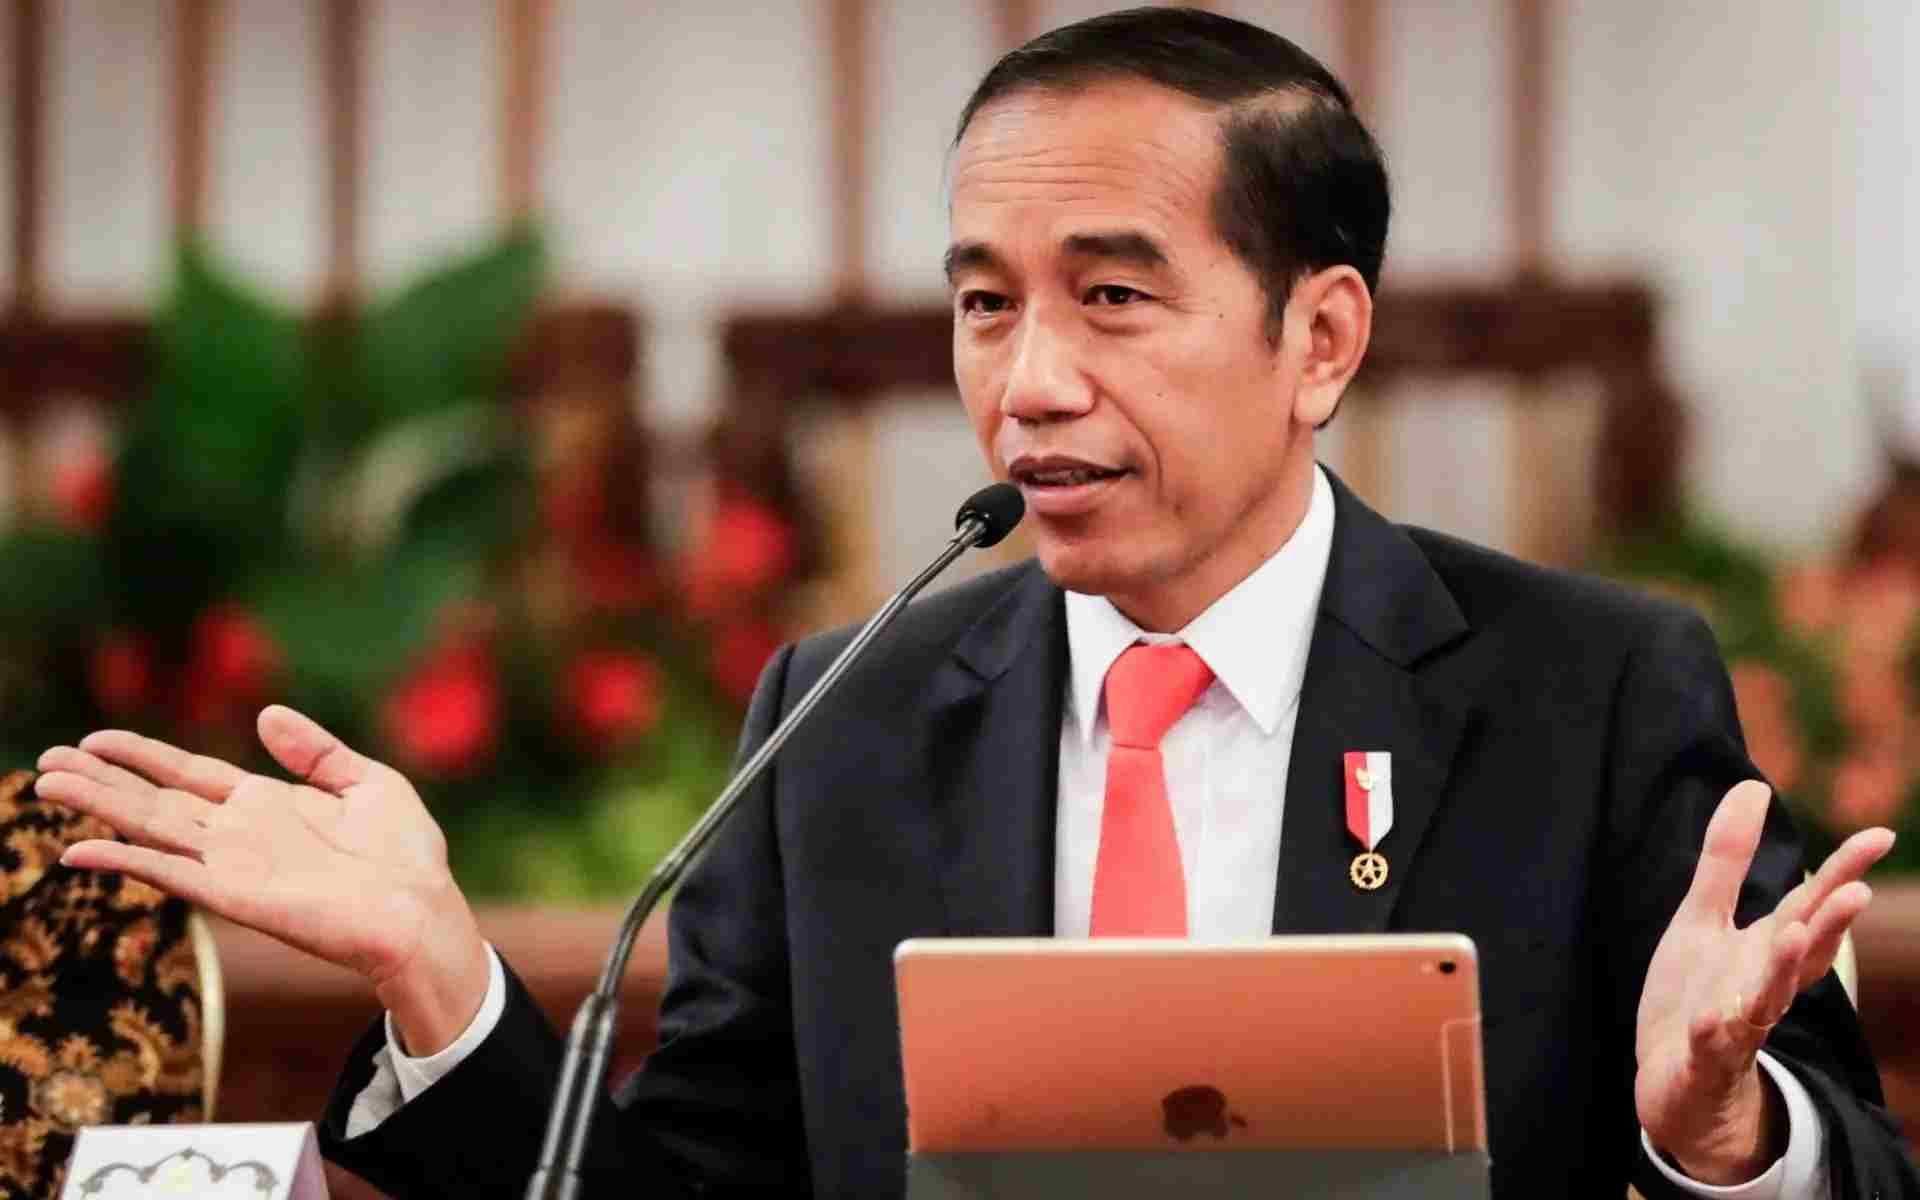 इंडोनेशिया में विवाहेतर यौन संबंध, गर्भपात, पर बनाए गए कानून पर मतदान स्थगित क्यों हुआ